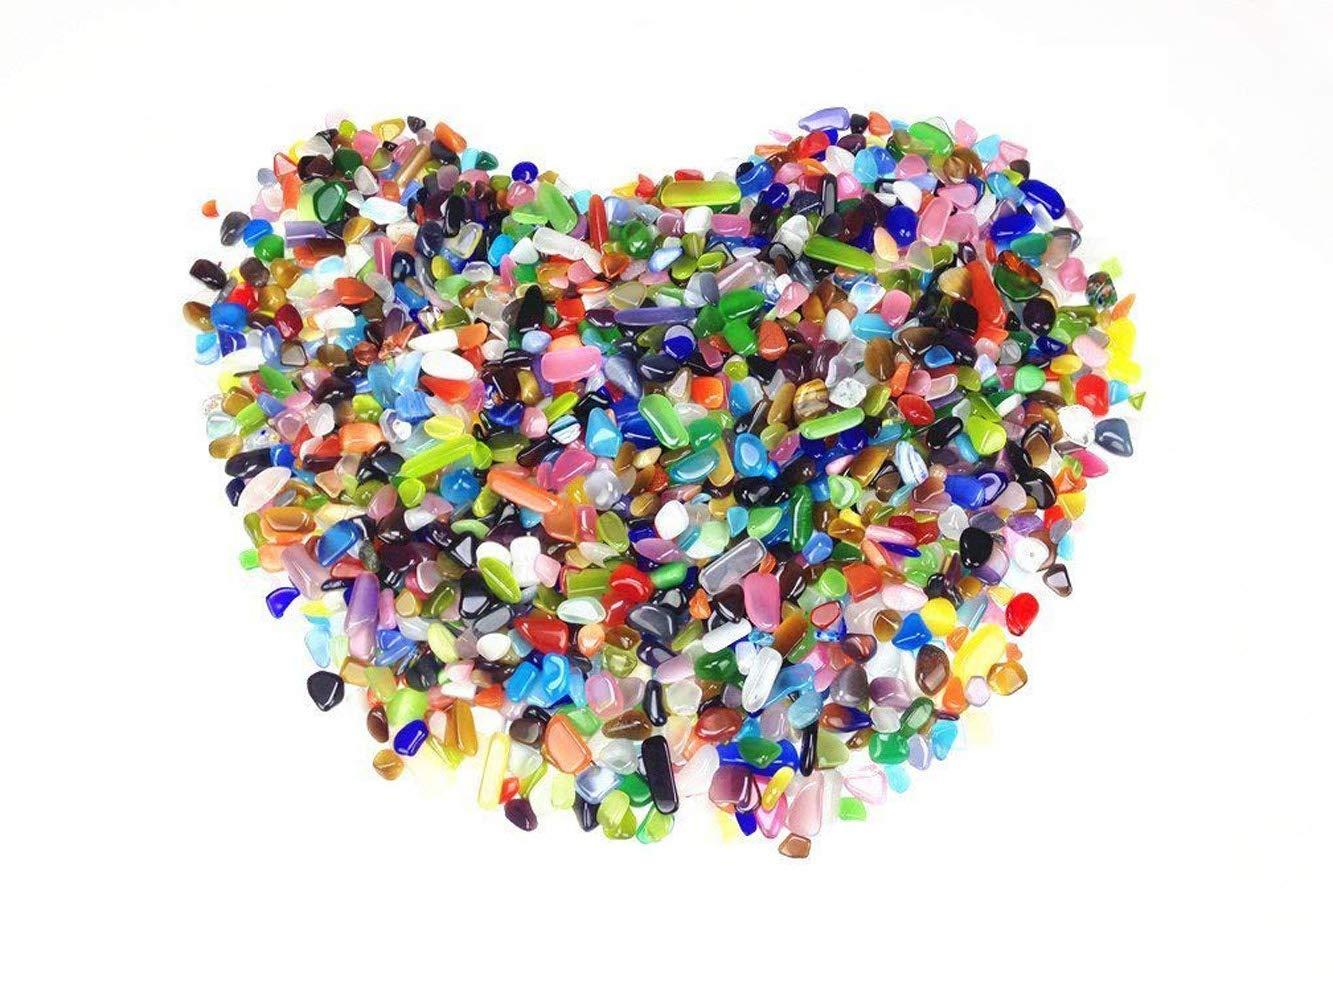 Piedras de Cristal de Roca Decorativas para acuarios, terrarios, Jardines, macetas, Cristales, decoración de jarrones, MUZIZS1: Amazon.es: Jardín